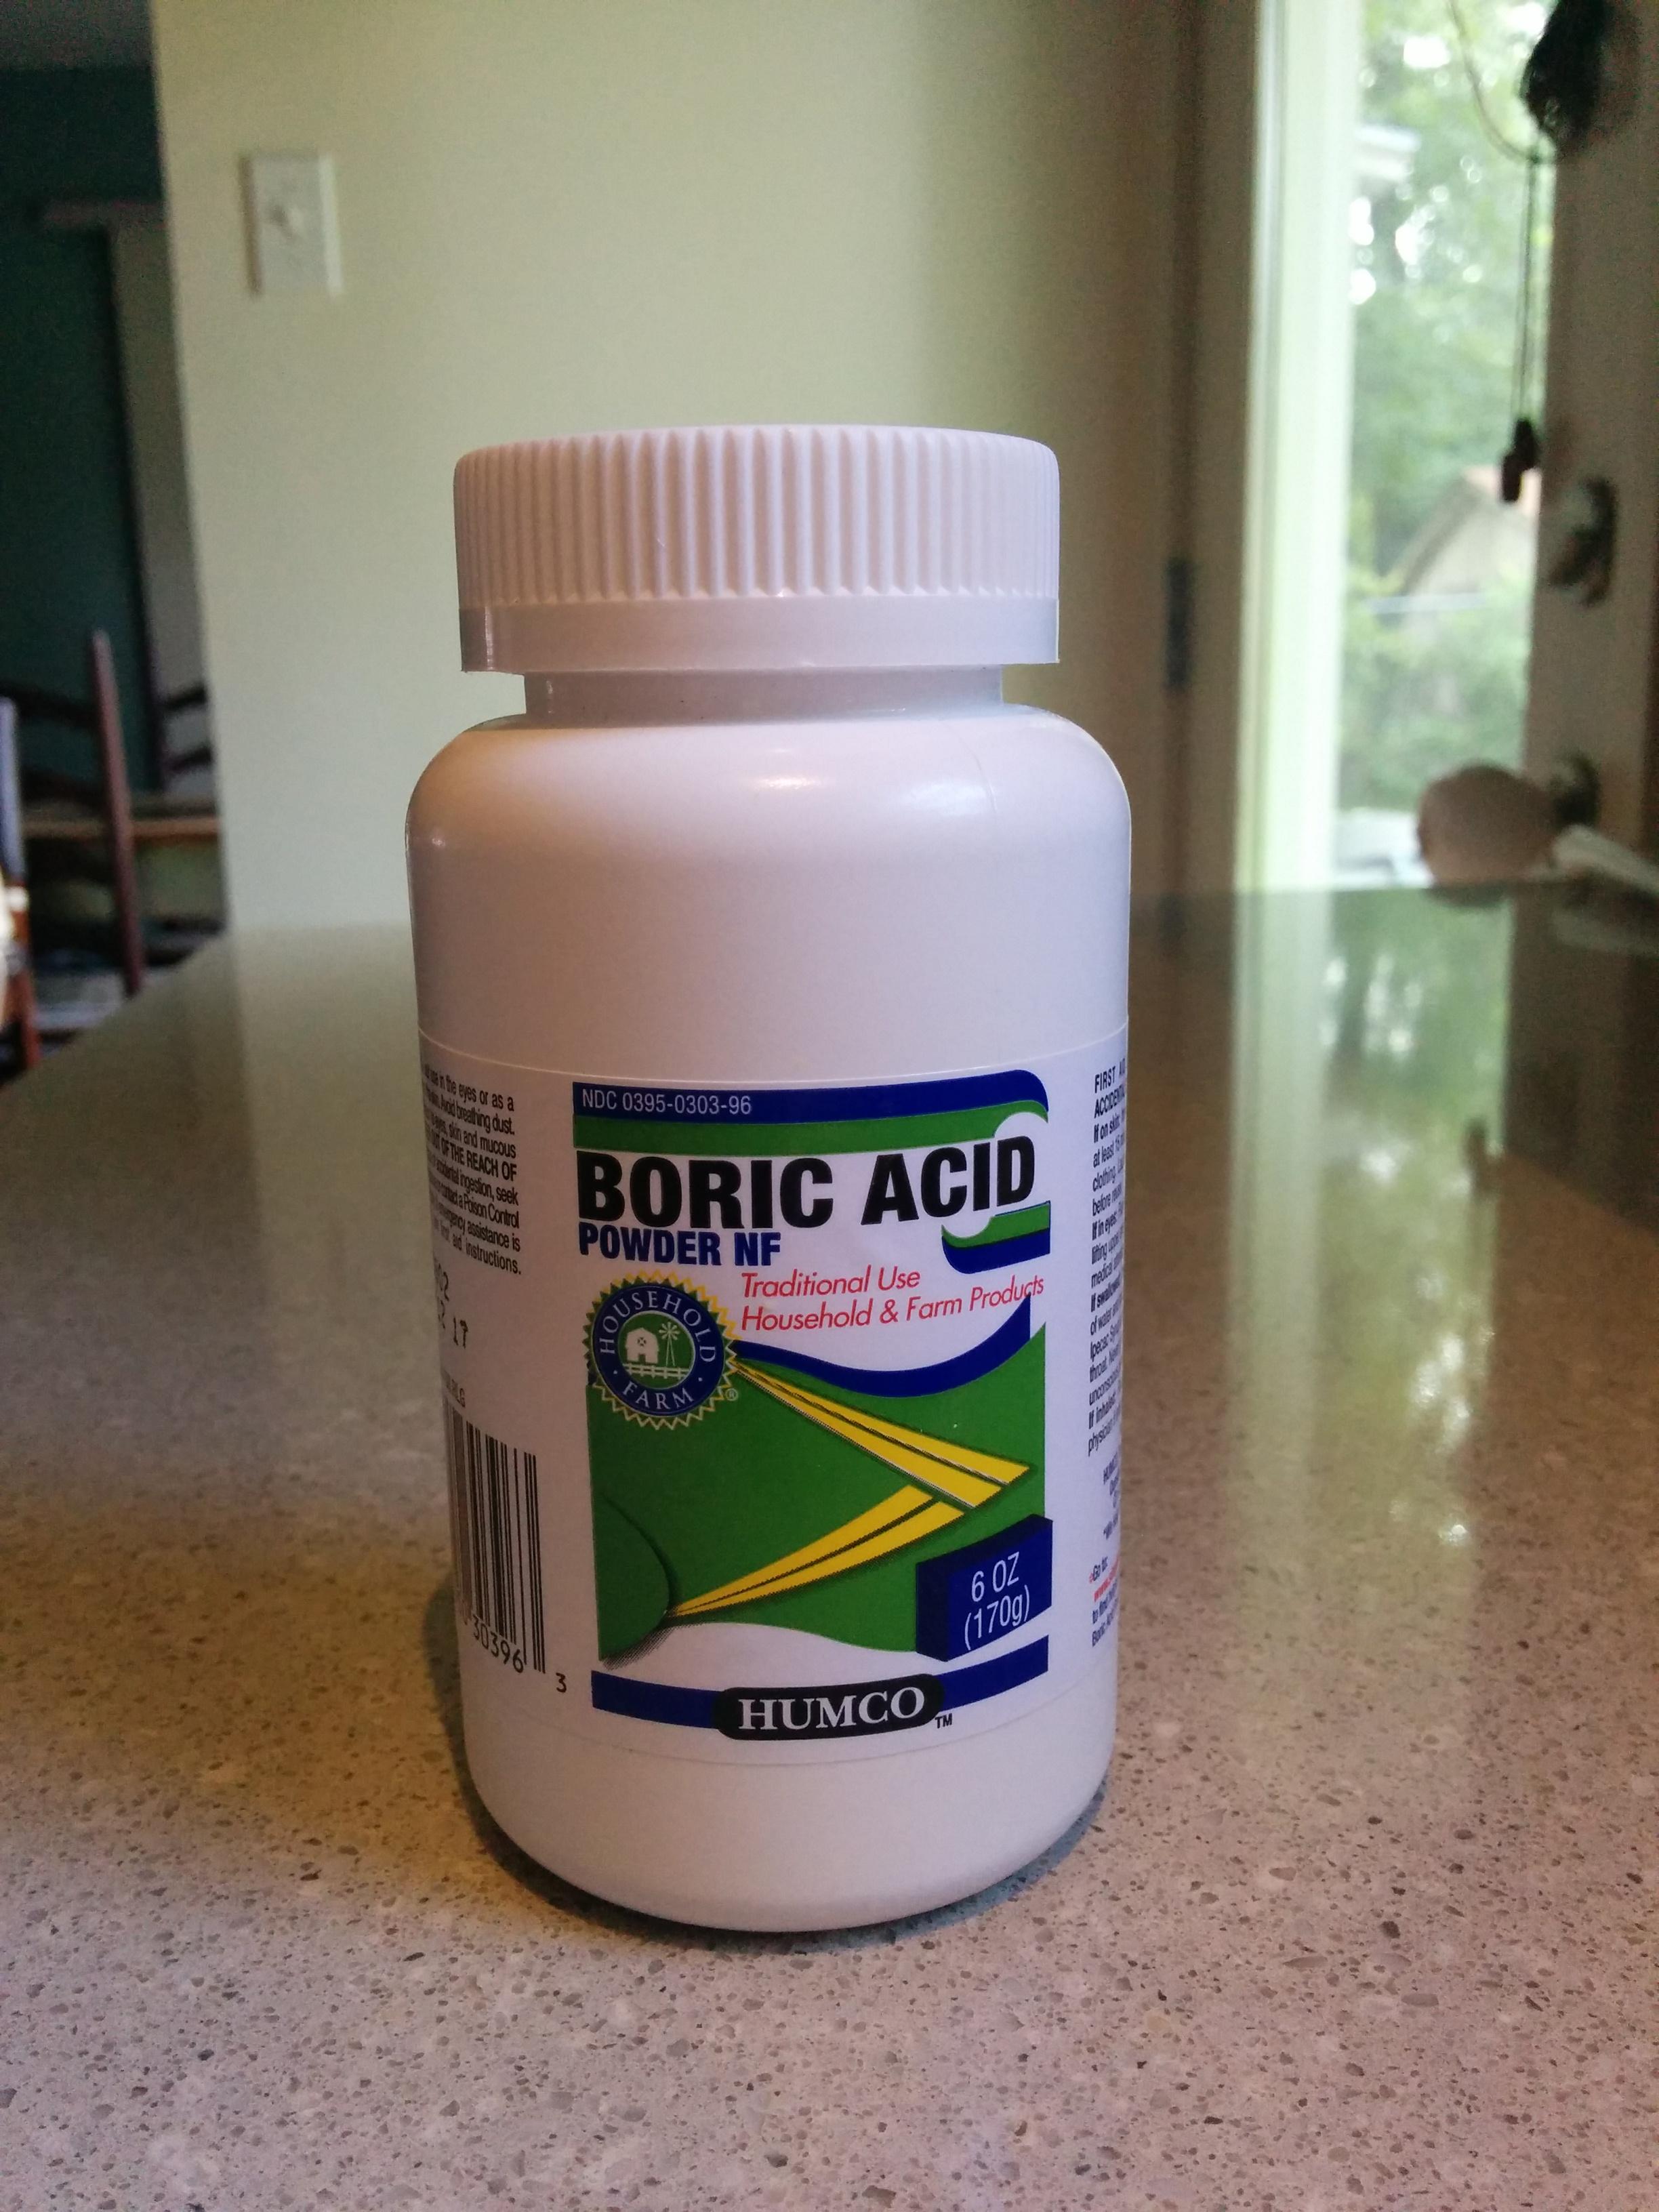 Boric acid douche